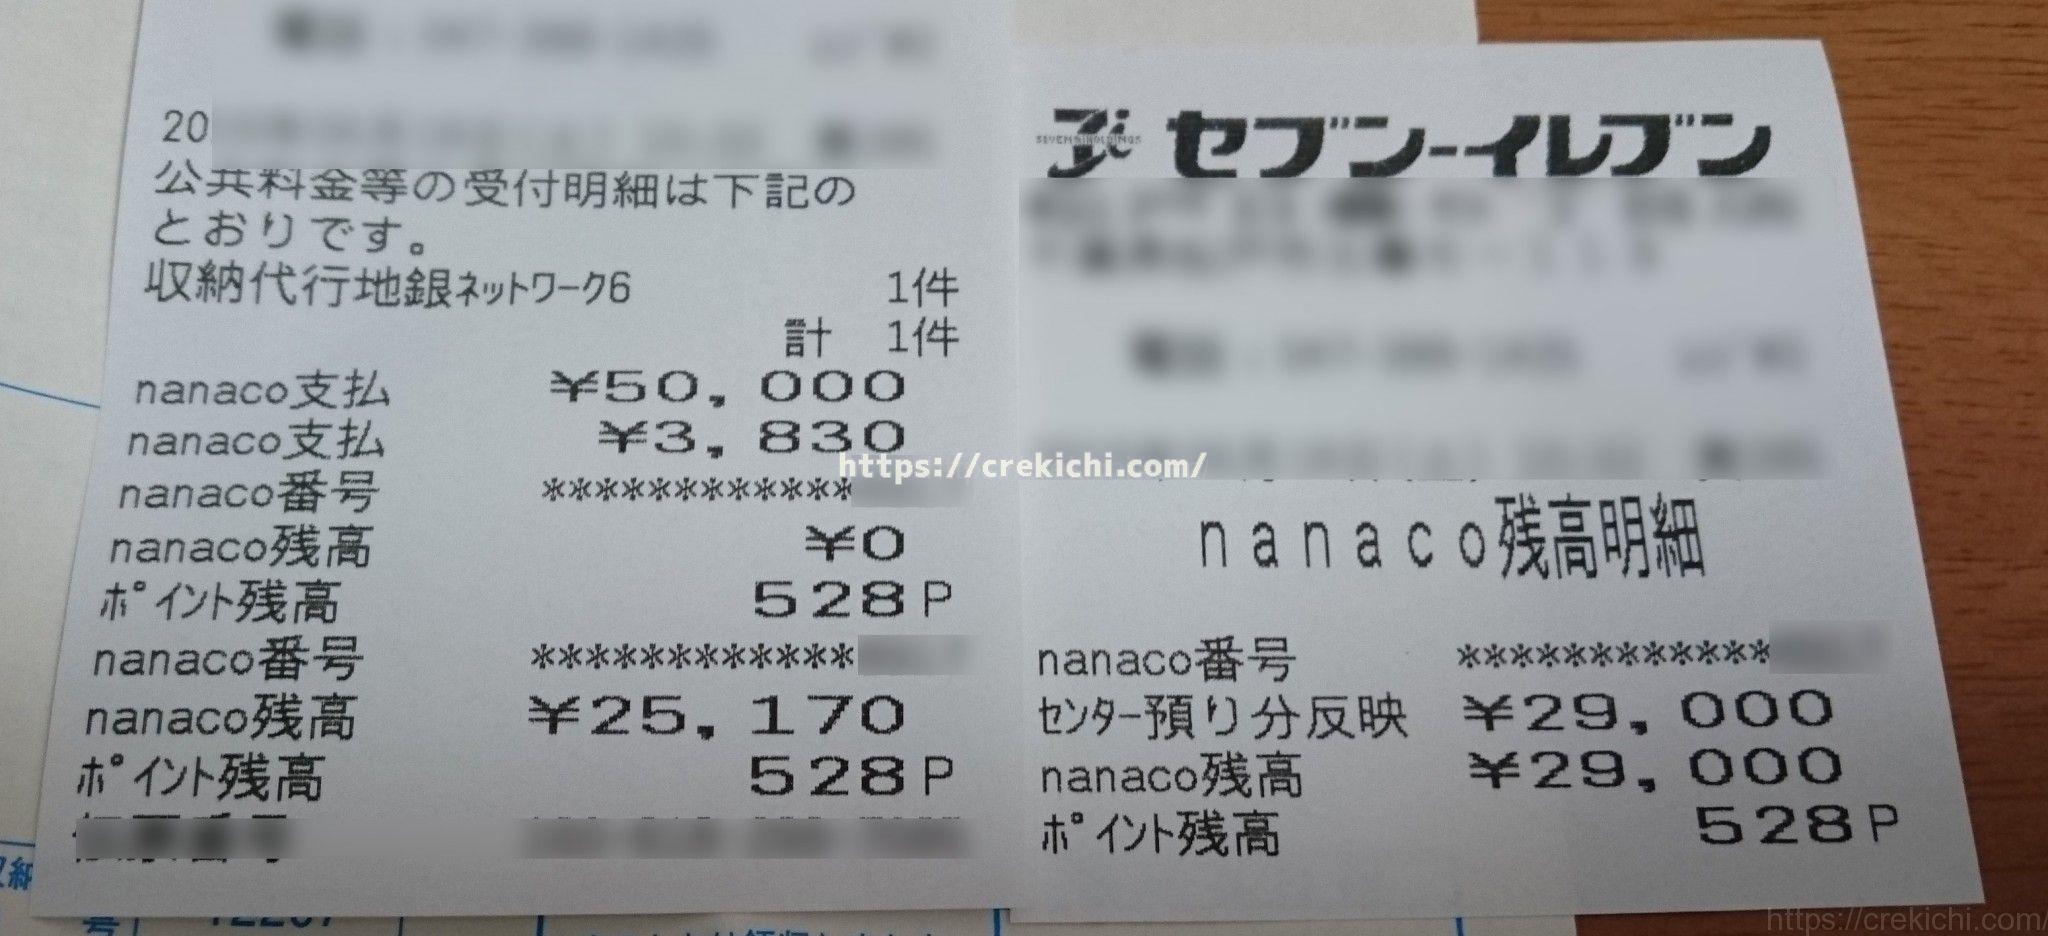 5万円以上の納付書をnanaco払いした際の納付書